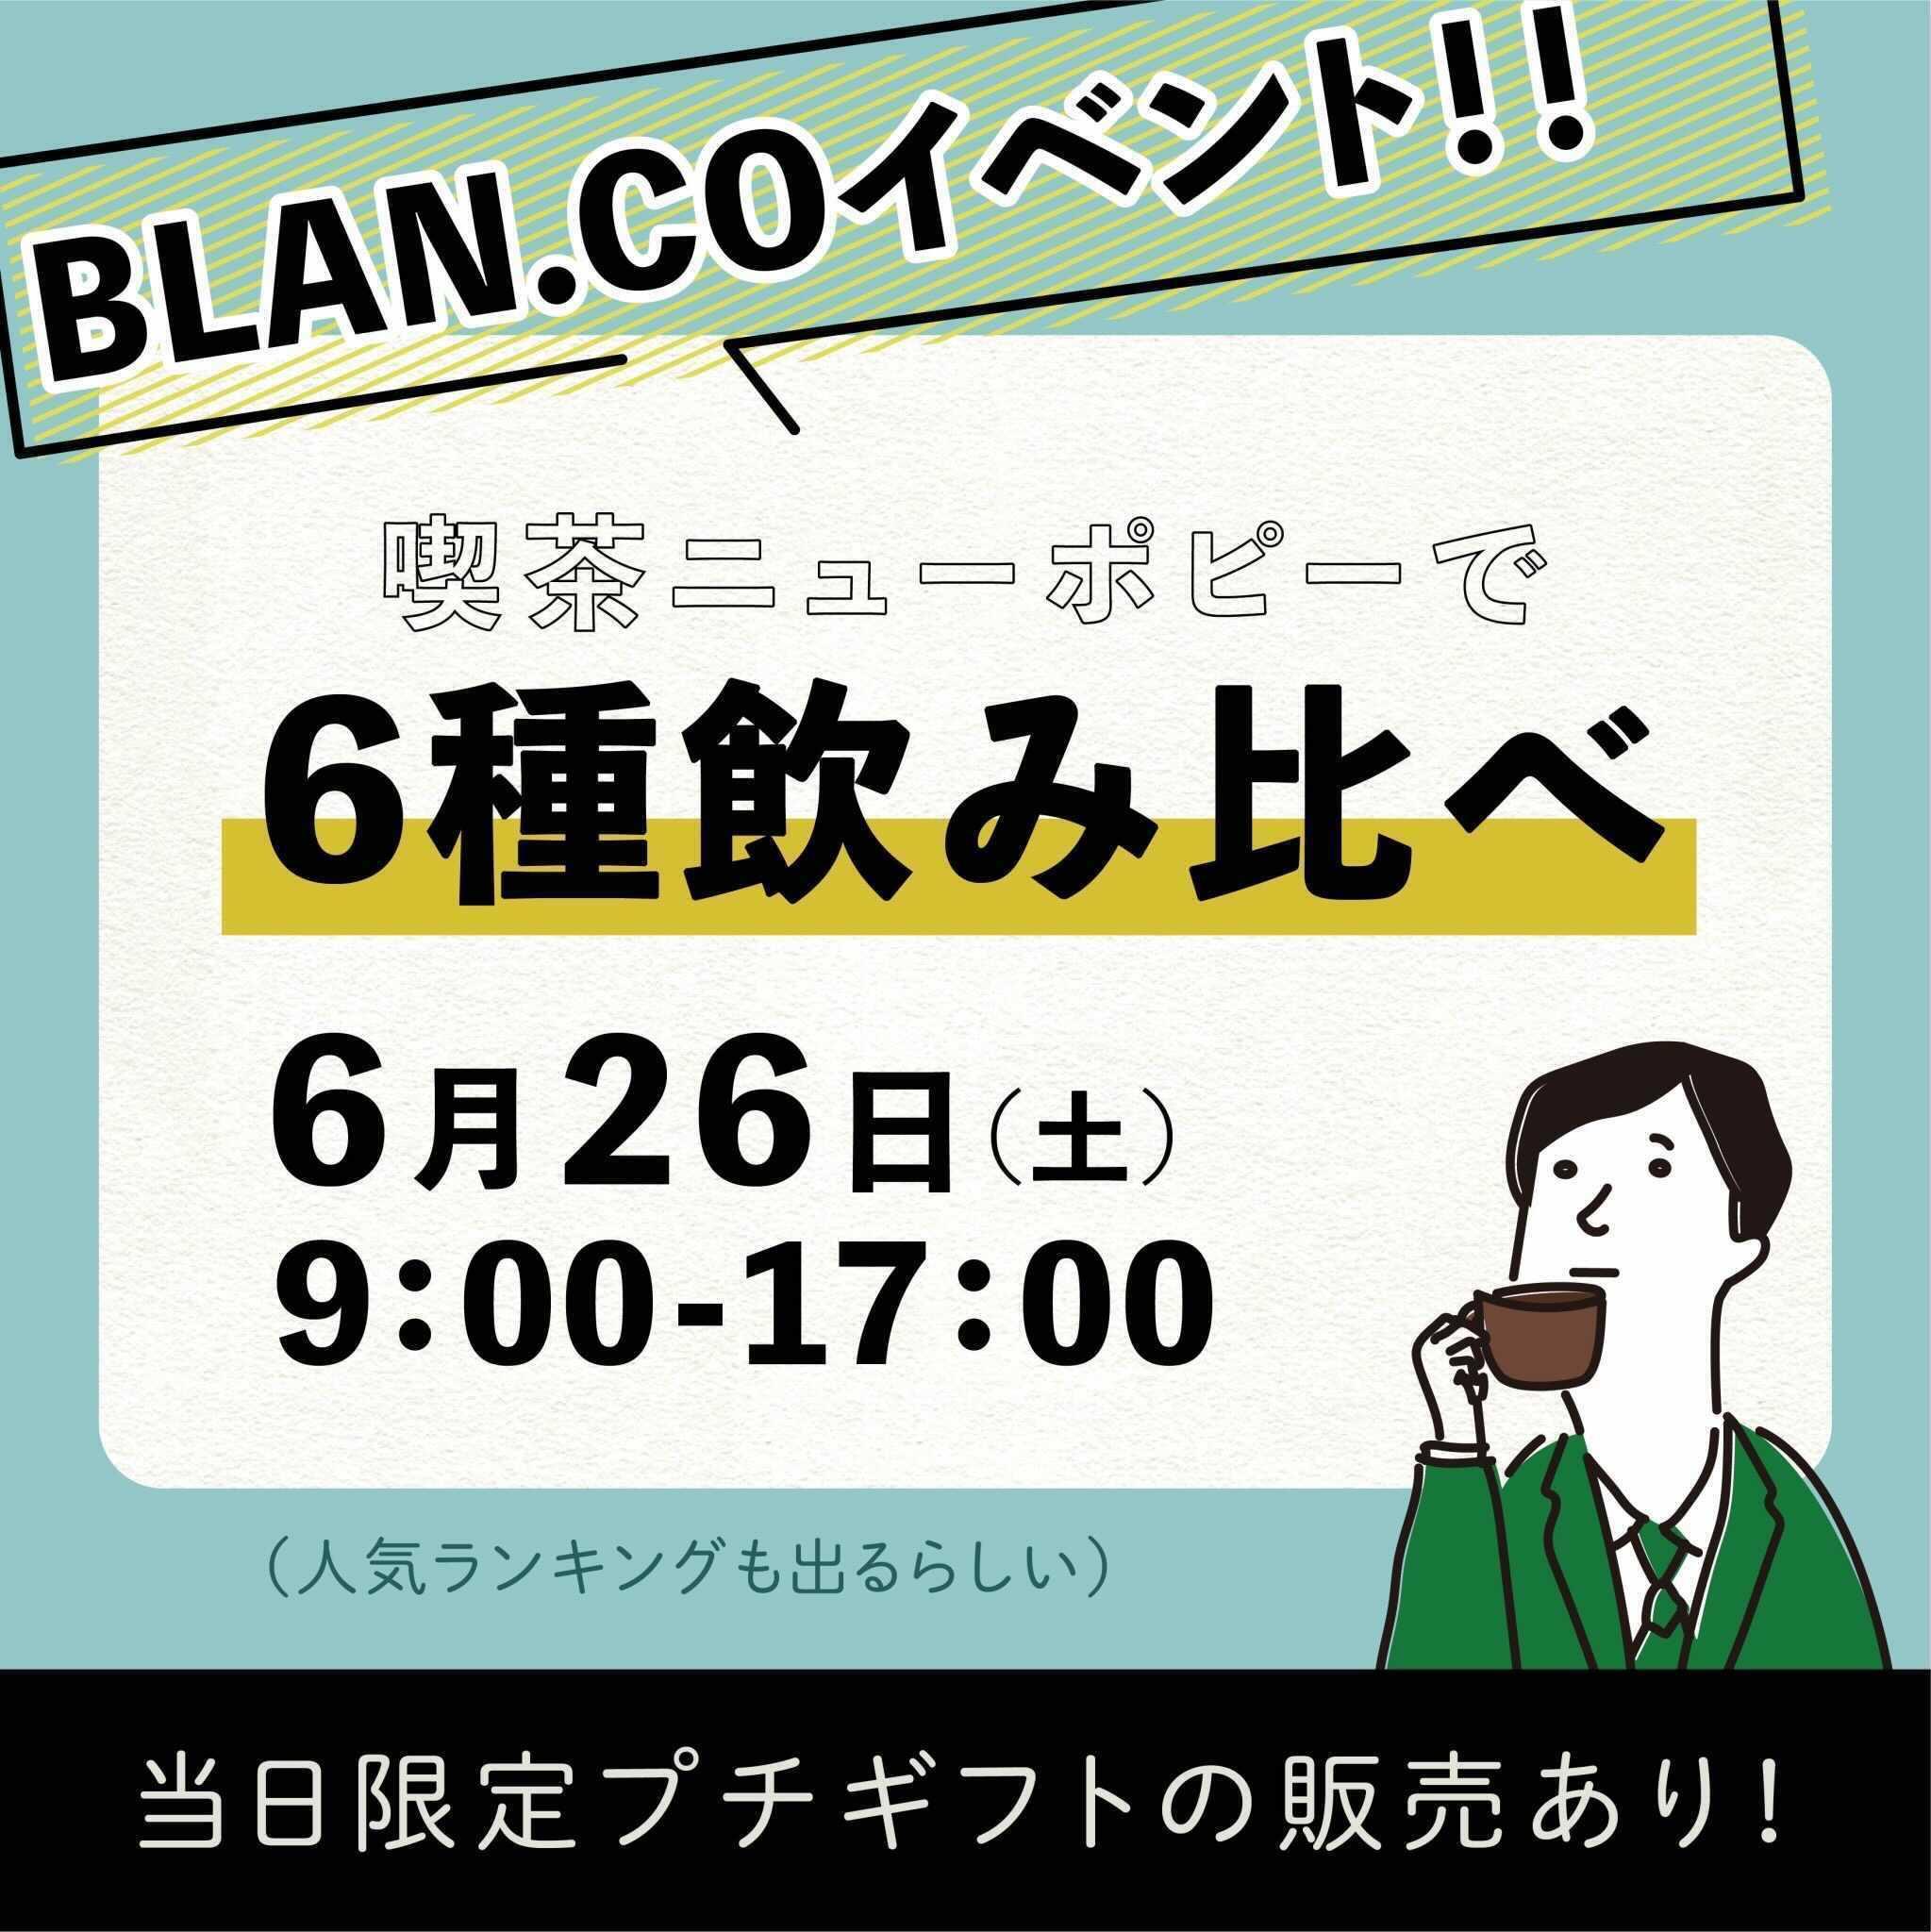 6/26(土)は名古屋・四間道へ!喫茶ニューポピーでBLAN.COが飲めるイベントを開催します